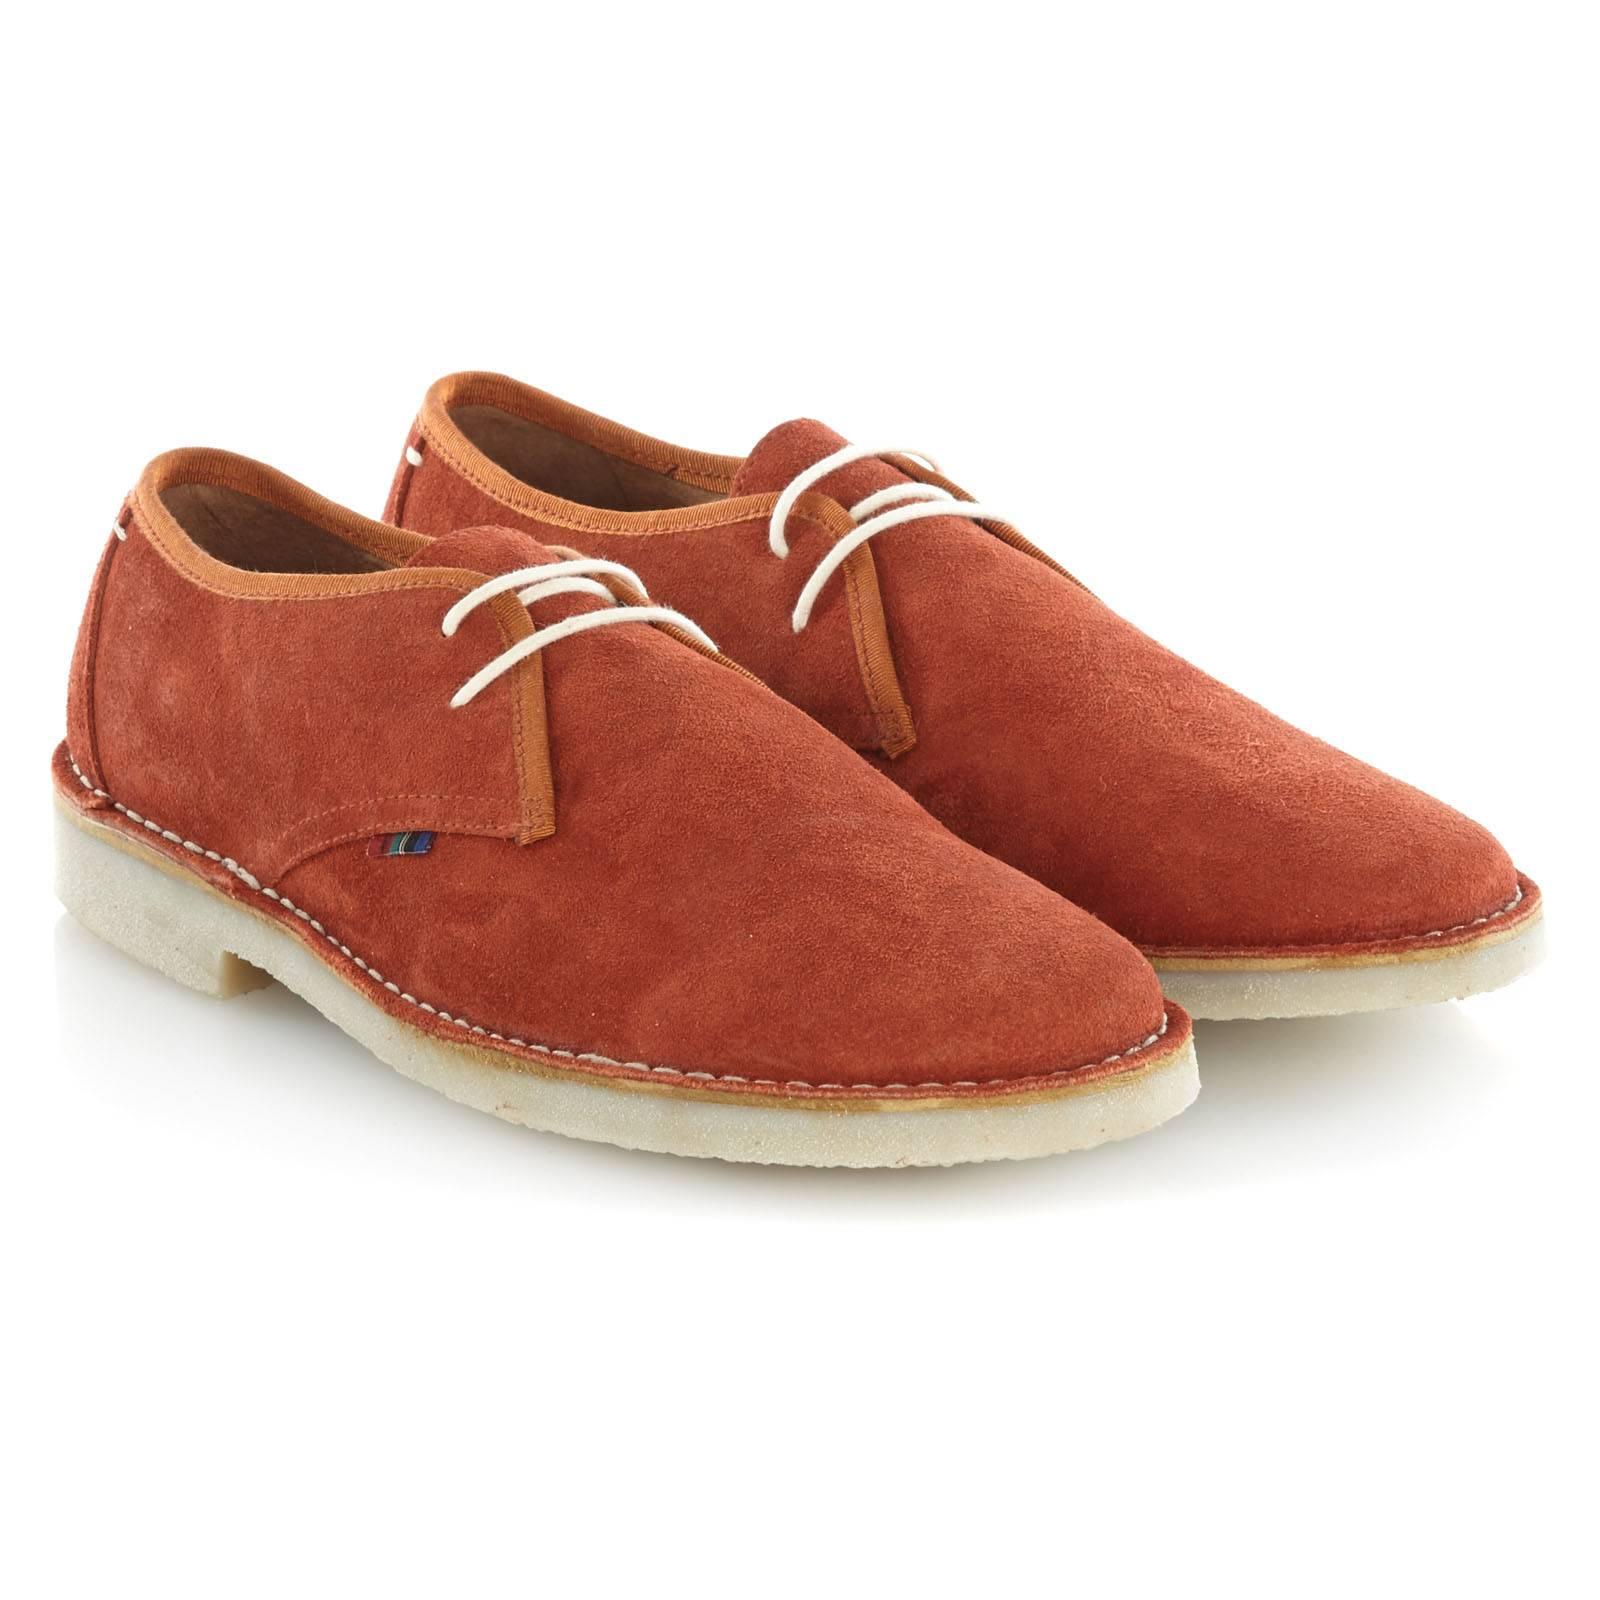 Ботинки TooleyОбувь<br>Укороченный вариант легендарной модели Desert Boots: легкие и удобные полуботинки из высококачественной замши. Благодаря гибкой резиновой подошве практически не чувствуются на ноге. Отличная обувь на позднюю весну и летний сезон. Хорошо сочетаются с чиносами и шортами.<br><br>Артикул: 913212<br>Материал: 100% кожа (замша)<br>Цвет: оранжевый<br>Пол: Мужской